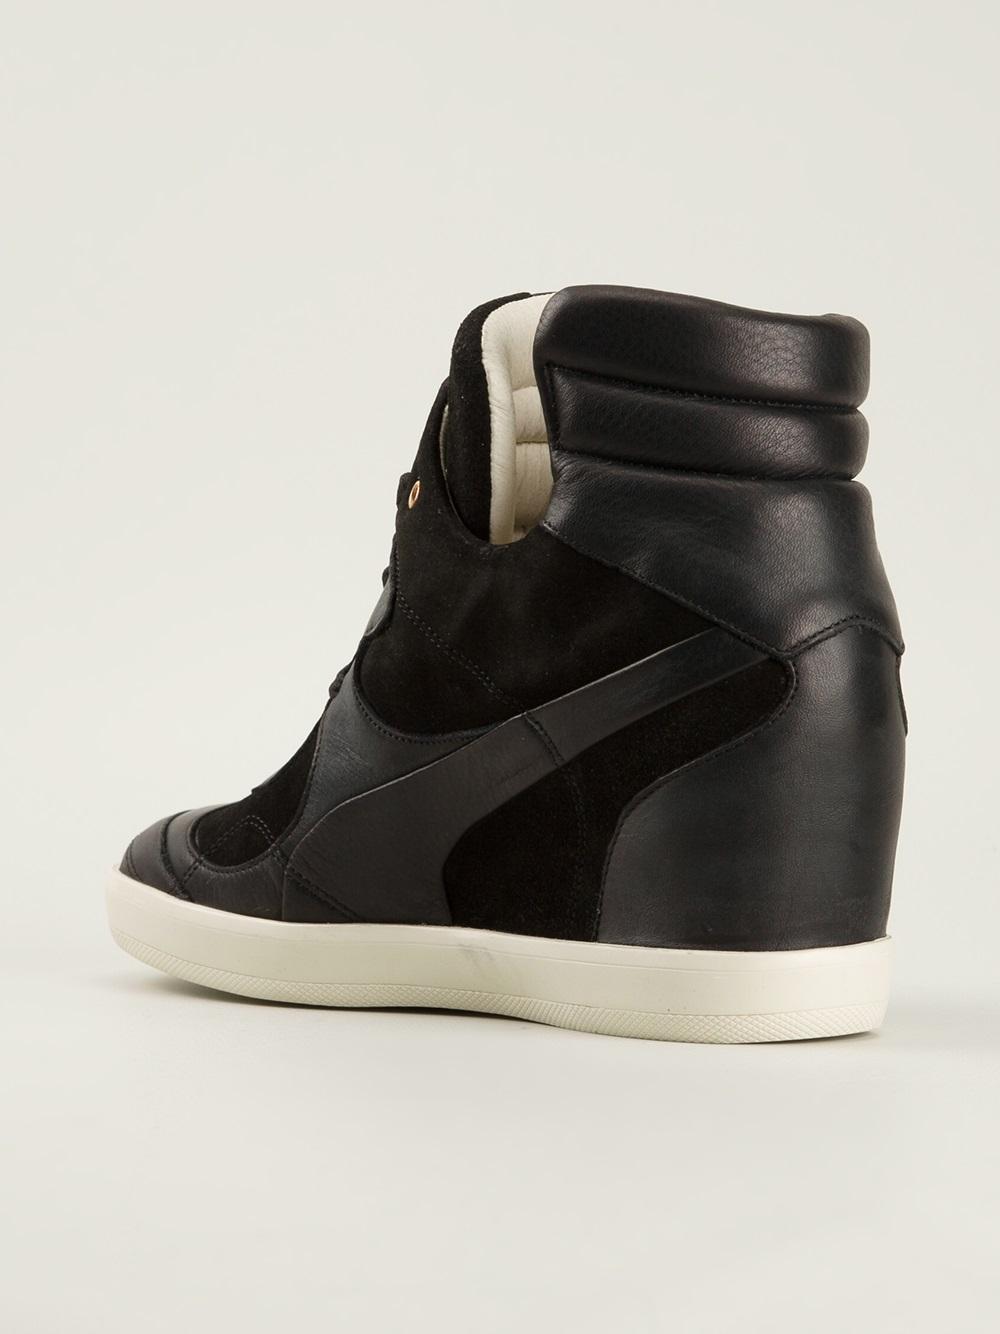 Puma Alexander Mcqueen Women S Shoes